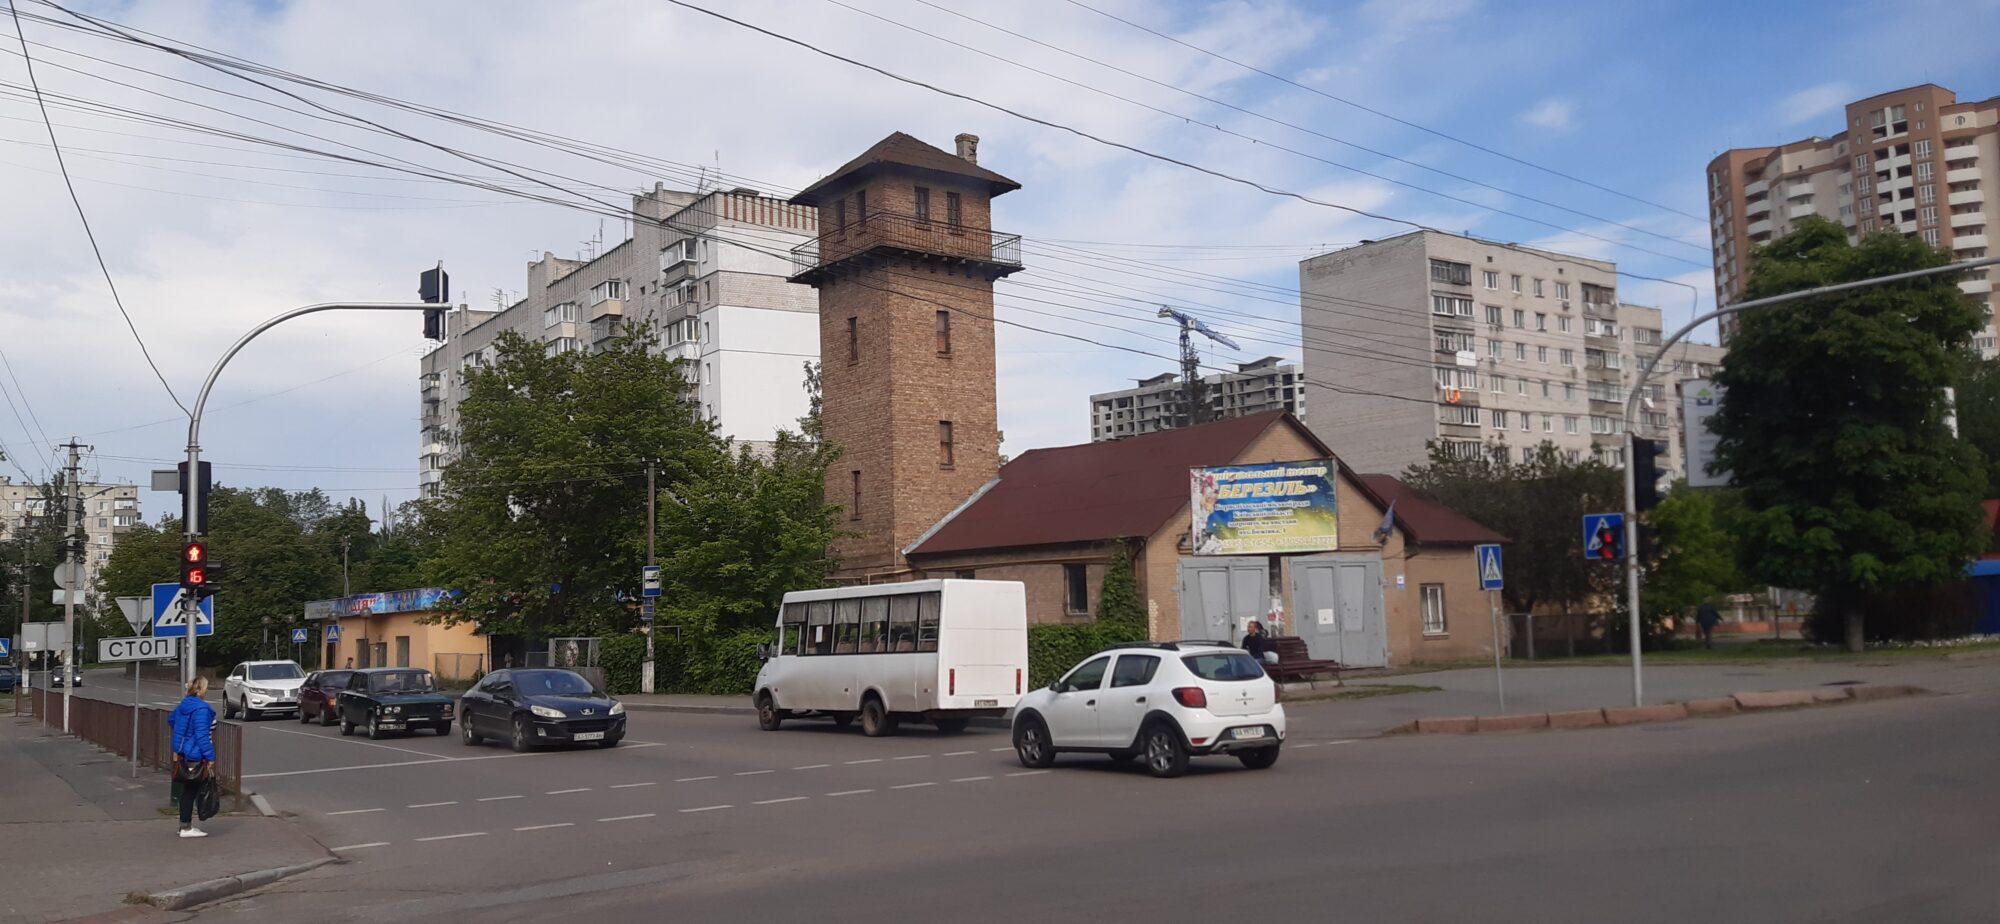 Бориспільщина: 6 нових хворих на COVID-19 за добу - статистика COVID-19, коронавірус, Бориспільський район, Бориспіль - 20200605 163835 2000x924